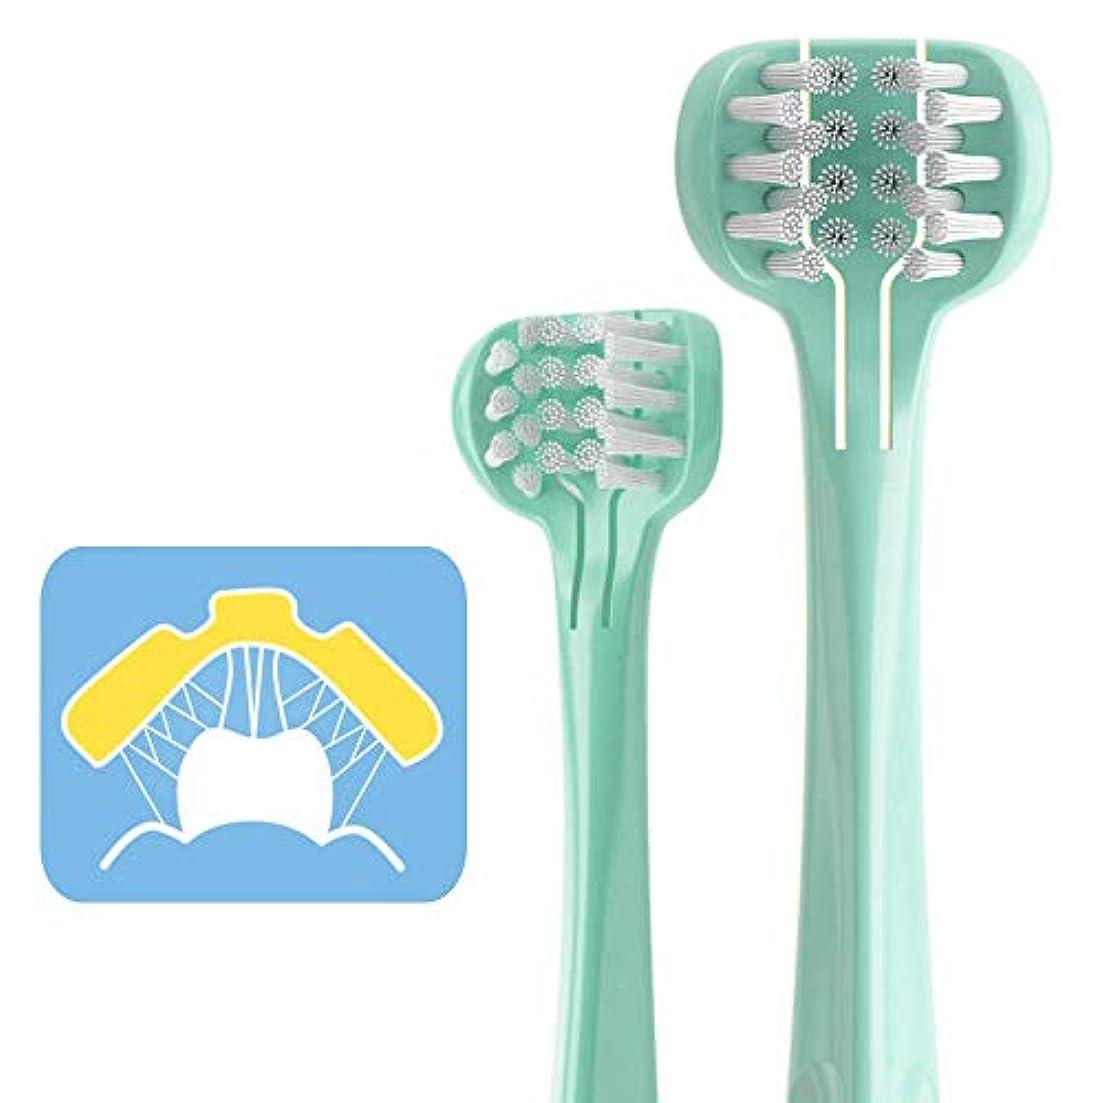 統合する傾斜達成する子供用 歯ブラシ、柔軟でラップアラウンド、トレーニング歯ブラシ、子どもの歯磨き時間を節約、子ども用三面歯ブラシ 1歳以上に適用 (グリーン)